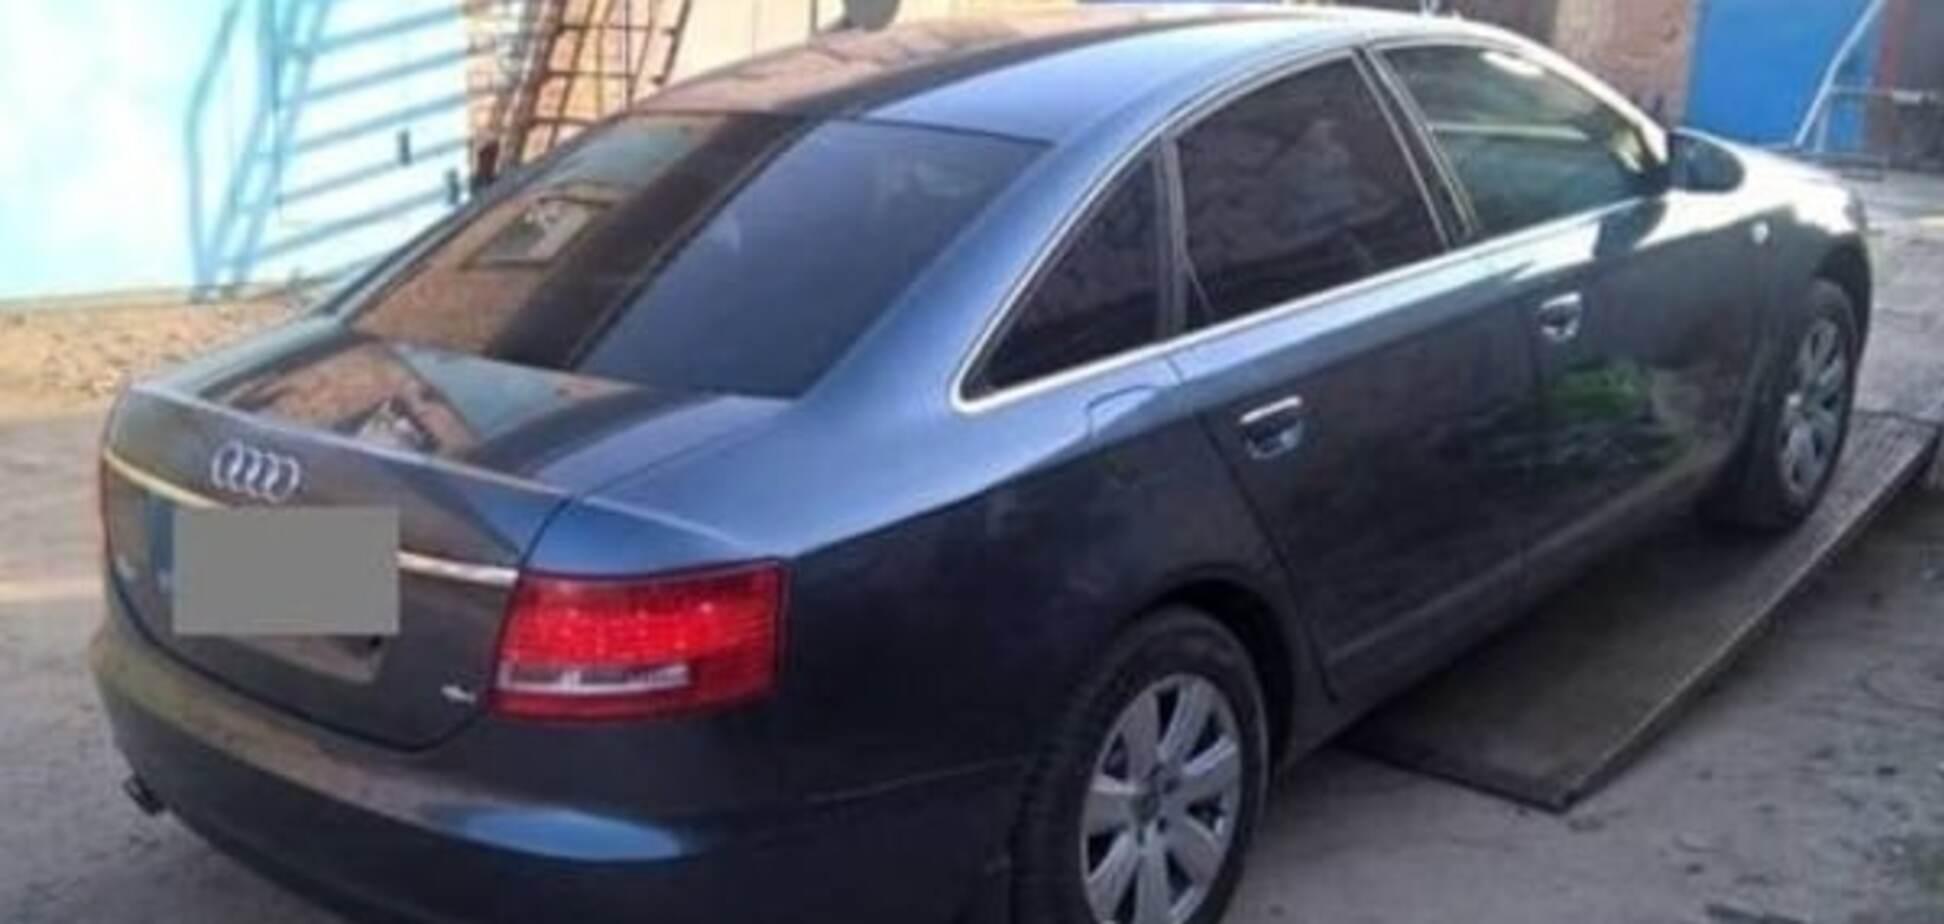 Зникнення водія BlaBlaCar: речі, які знайшли в машині, відправили на експертизу